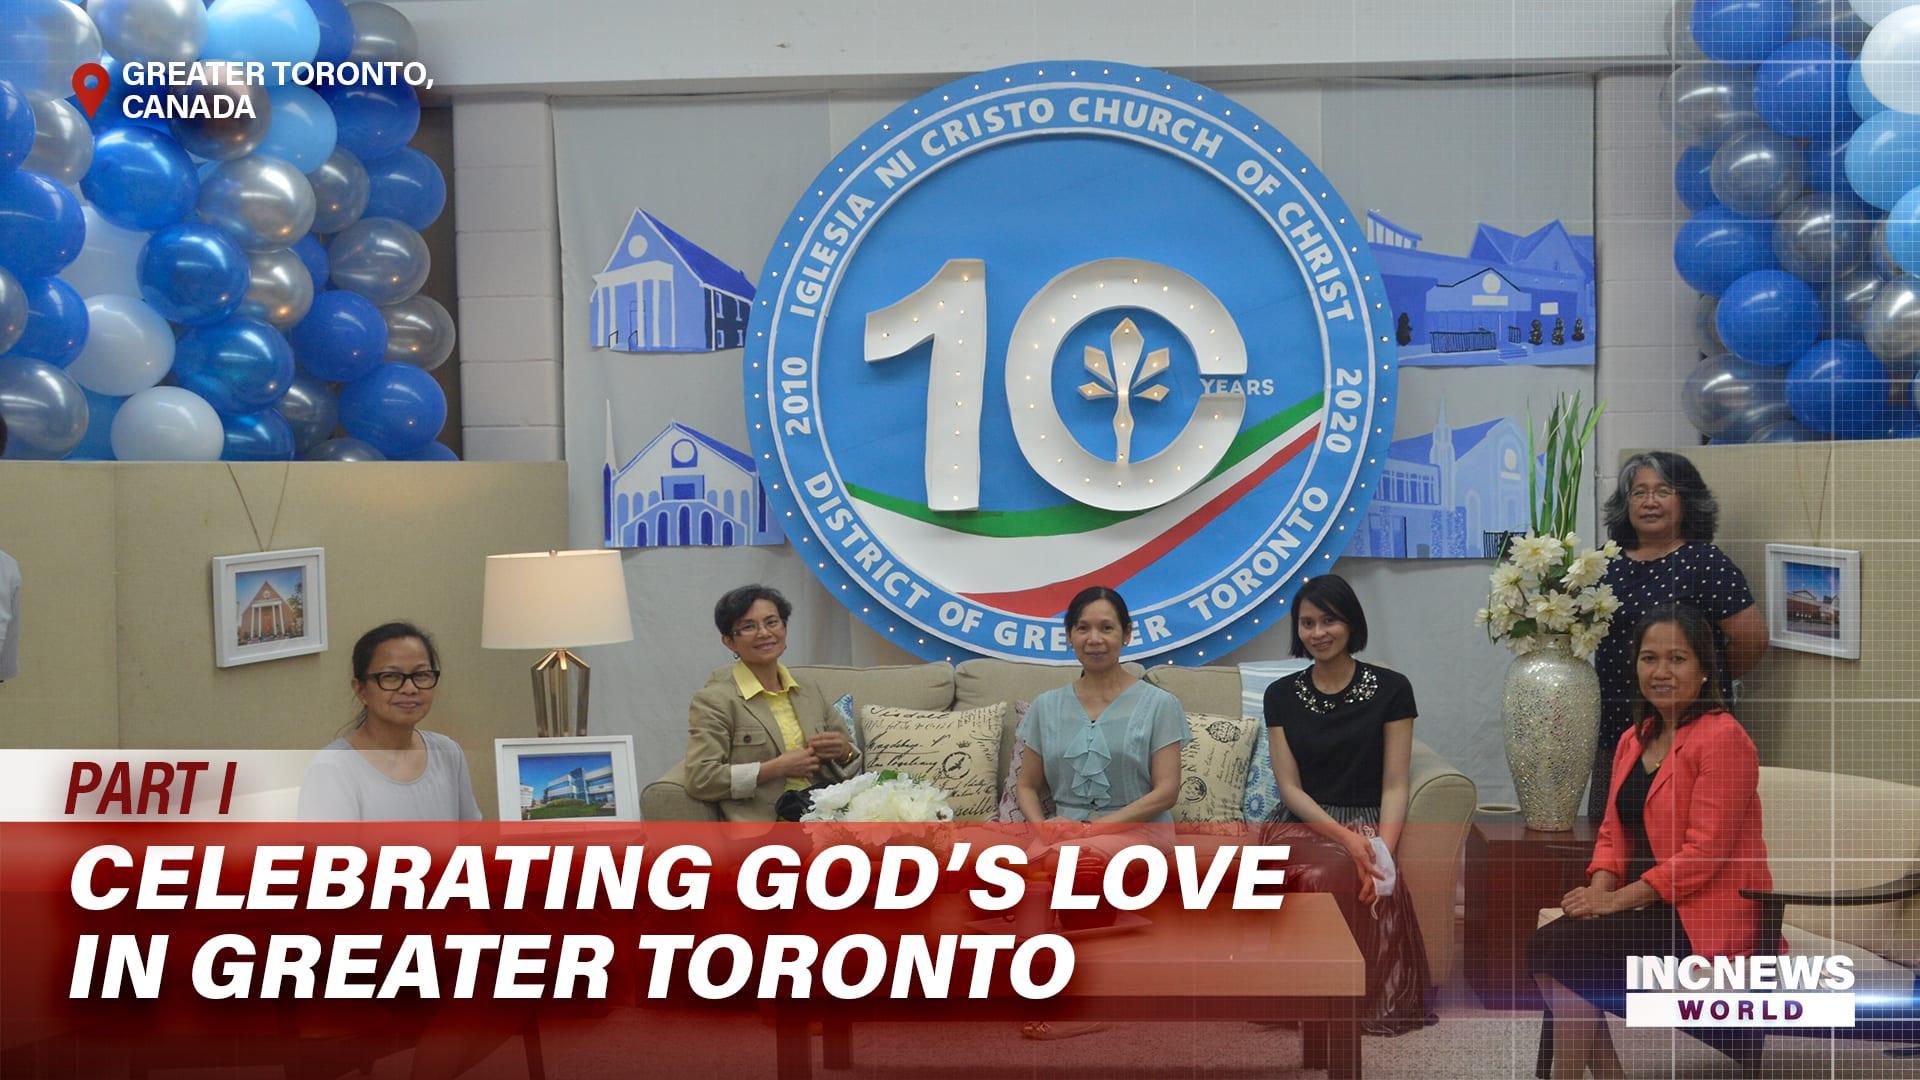 Celebrating God's Love in Greater Toronto